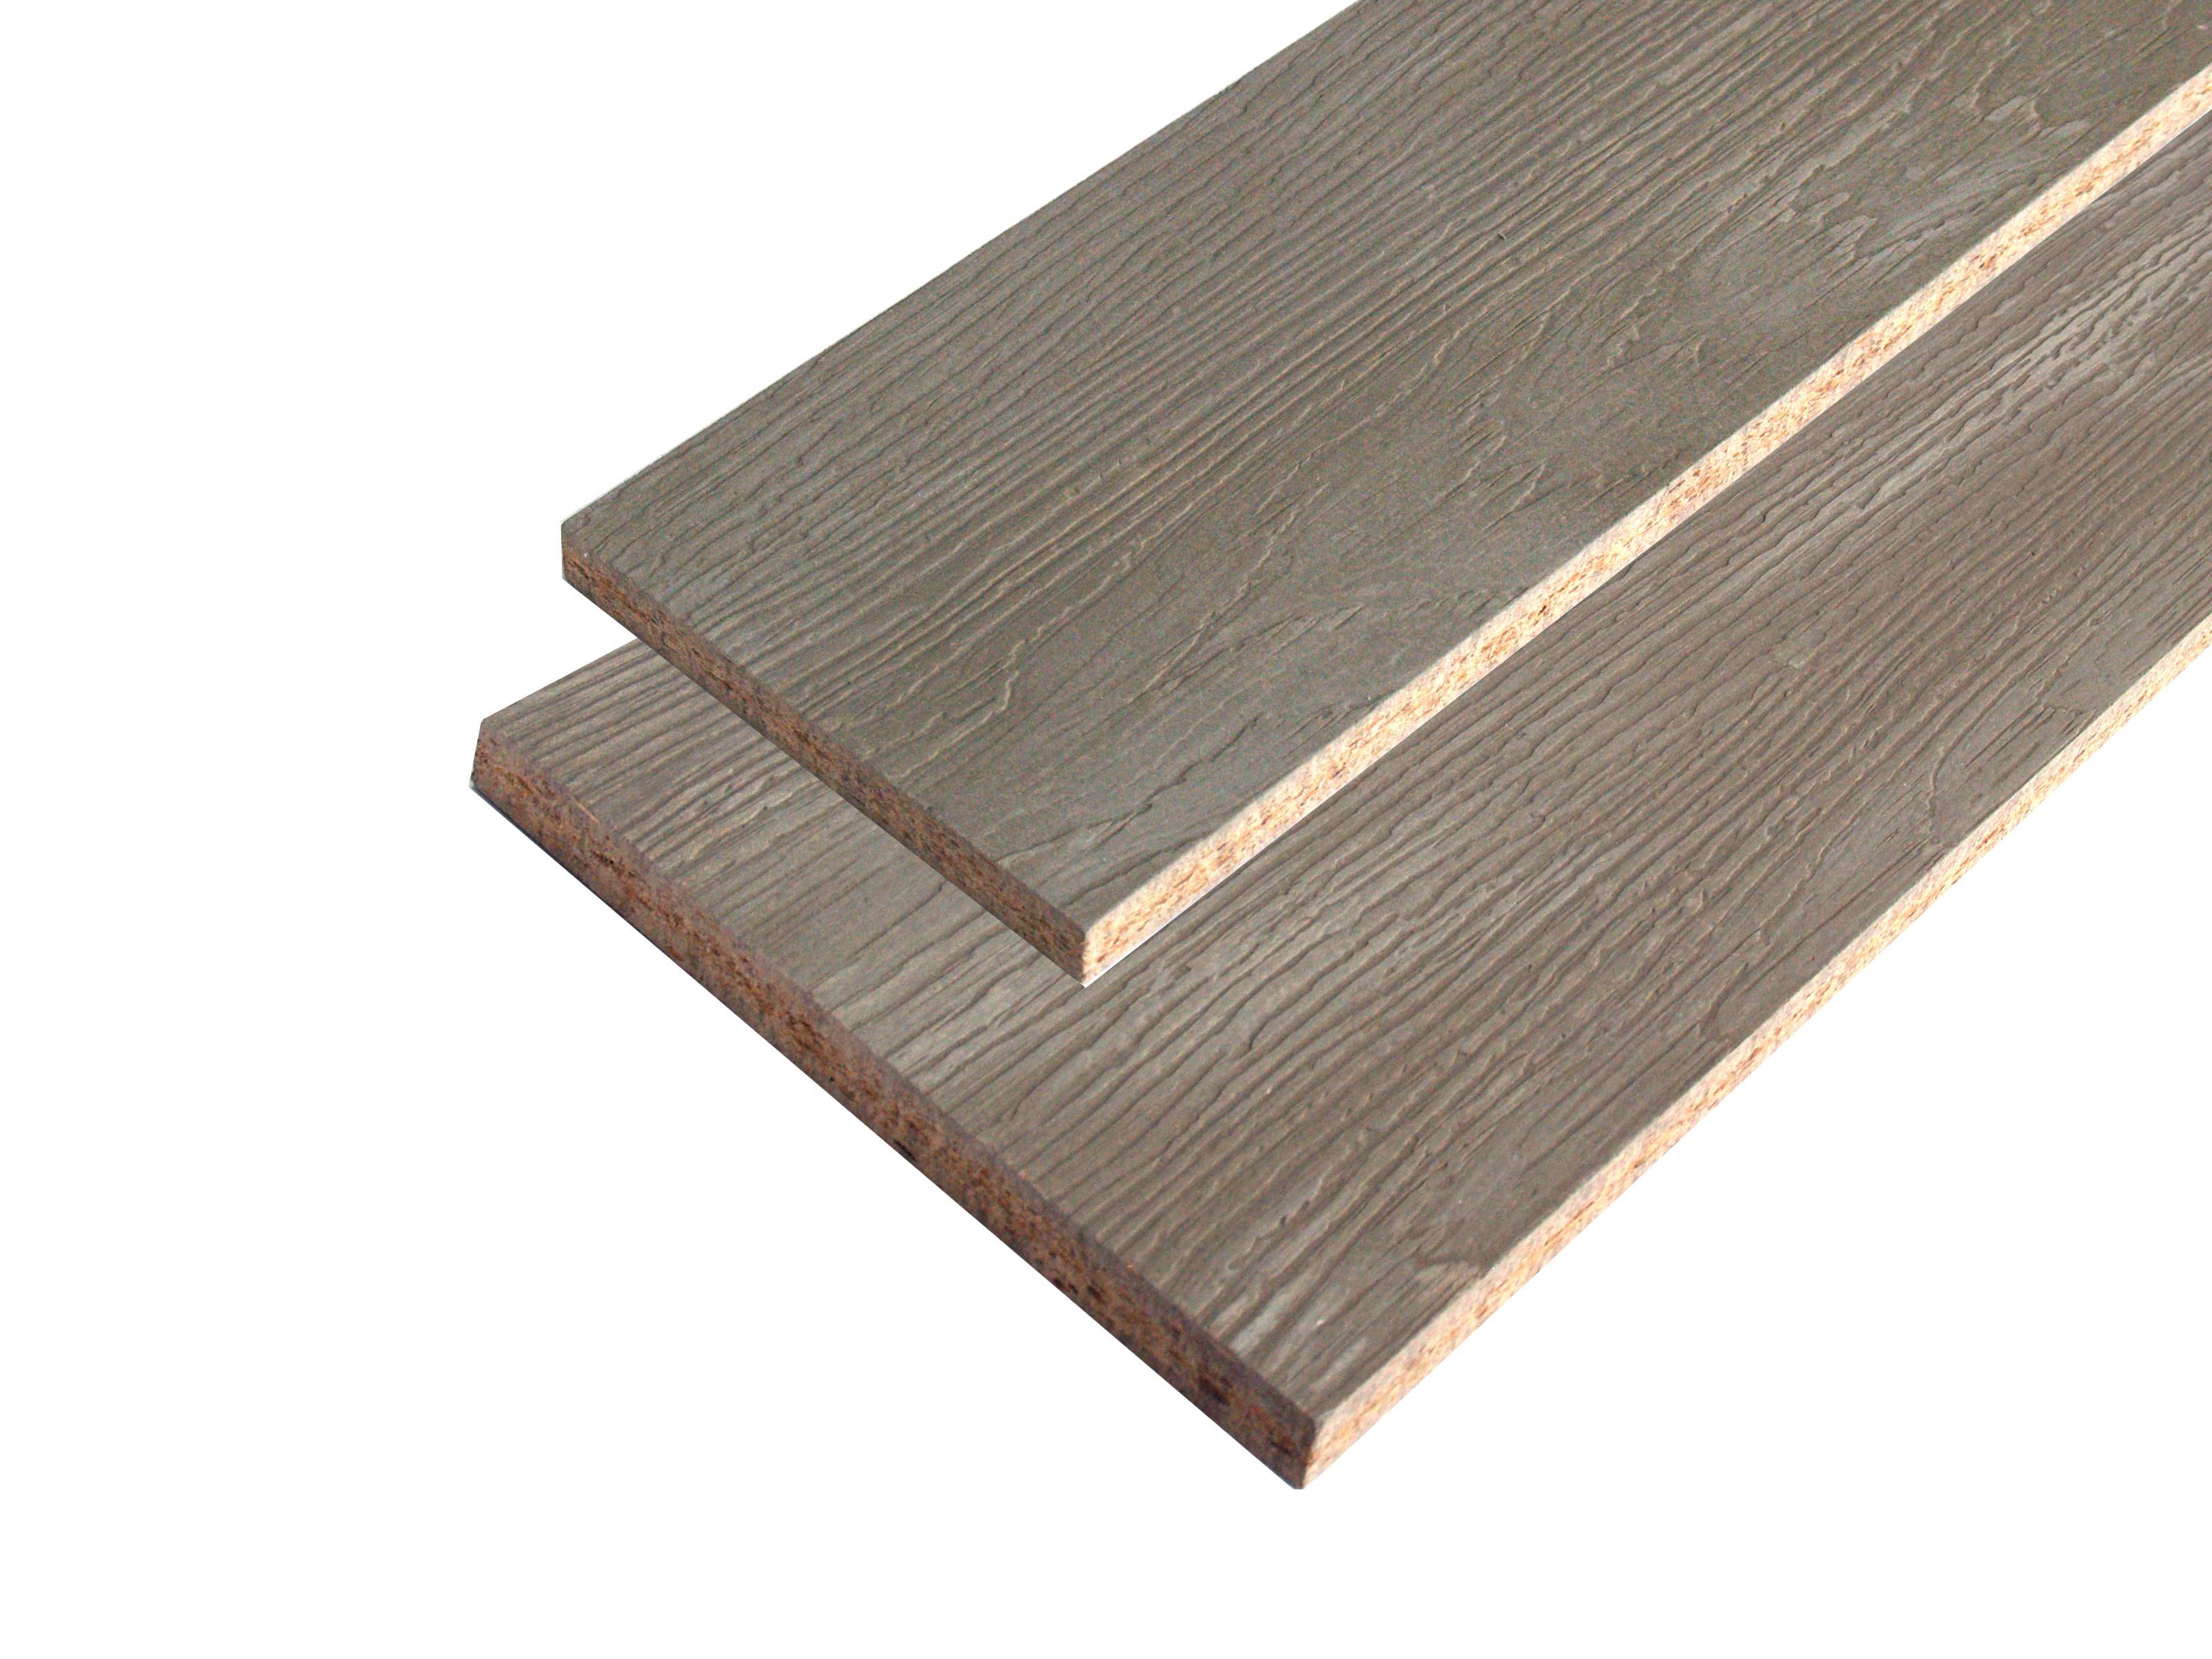 ไม้พื้น ลายไม้ ไม่ทำสี 200 - 300 มม.